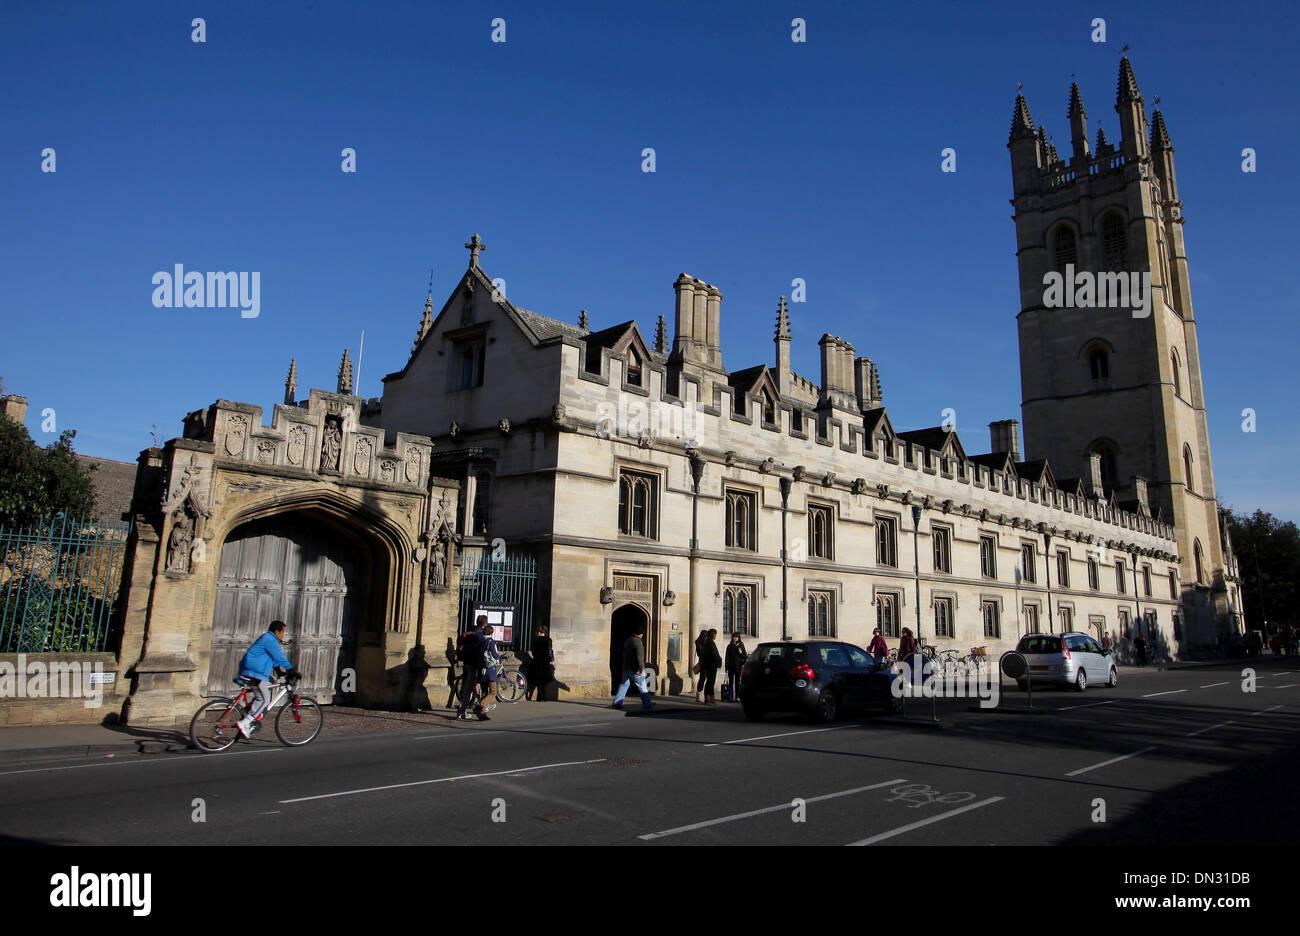 GV des historischen Gebäudes der Universität Oxford. Stockbild